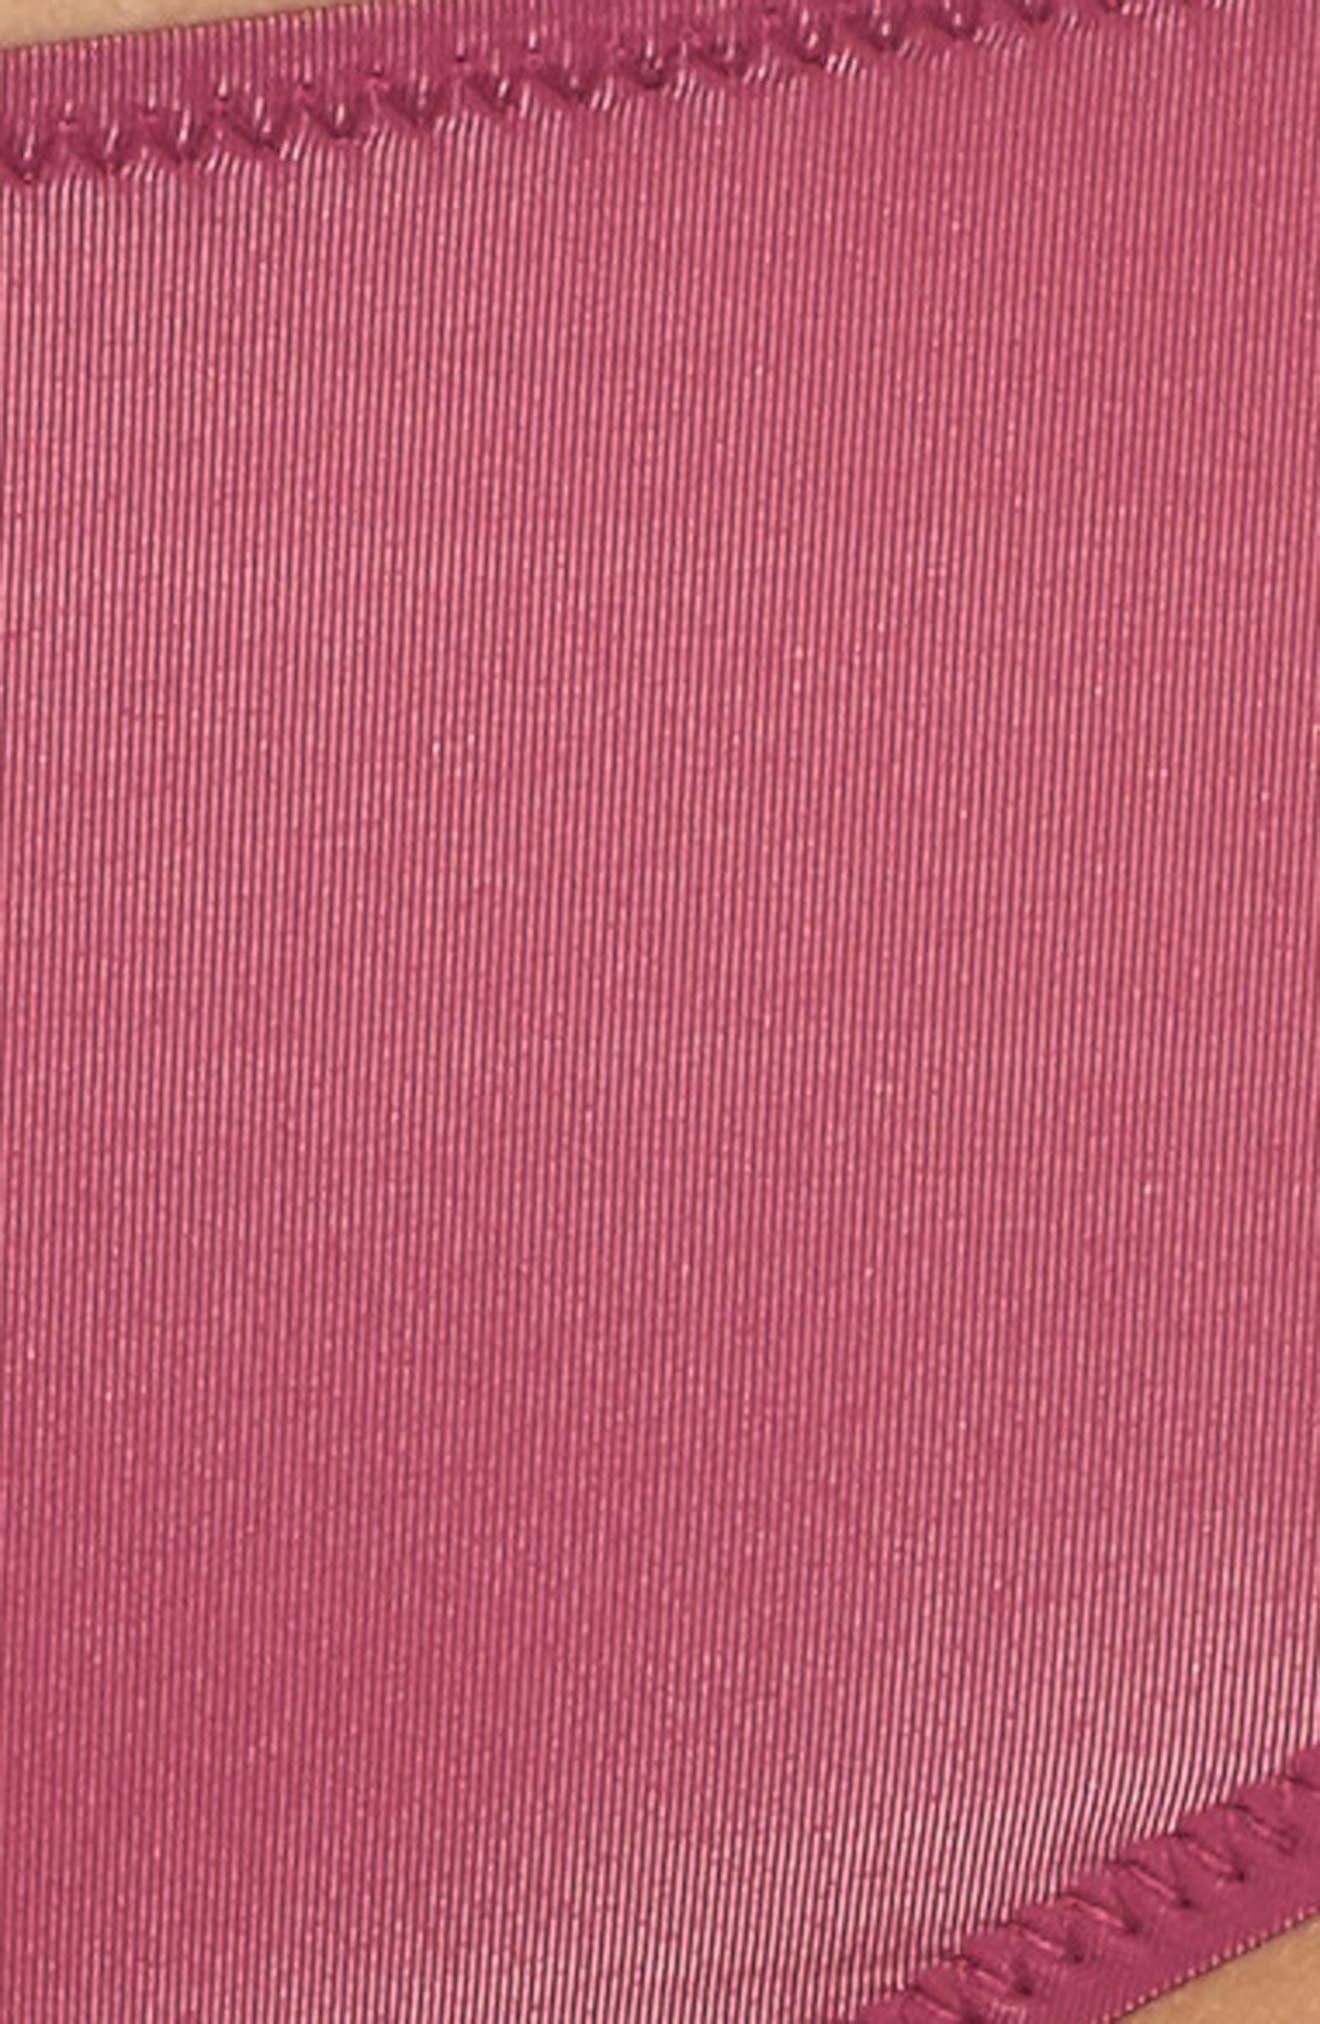 Sheer Mesh Panties,                             Alternate thumbnail 9, color,                             Aubergine